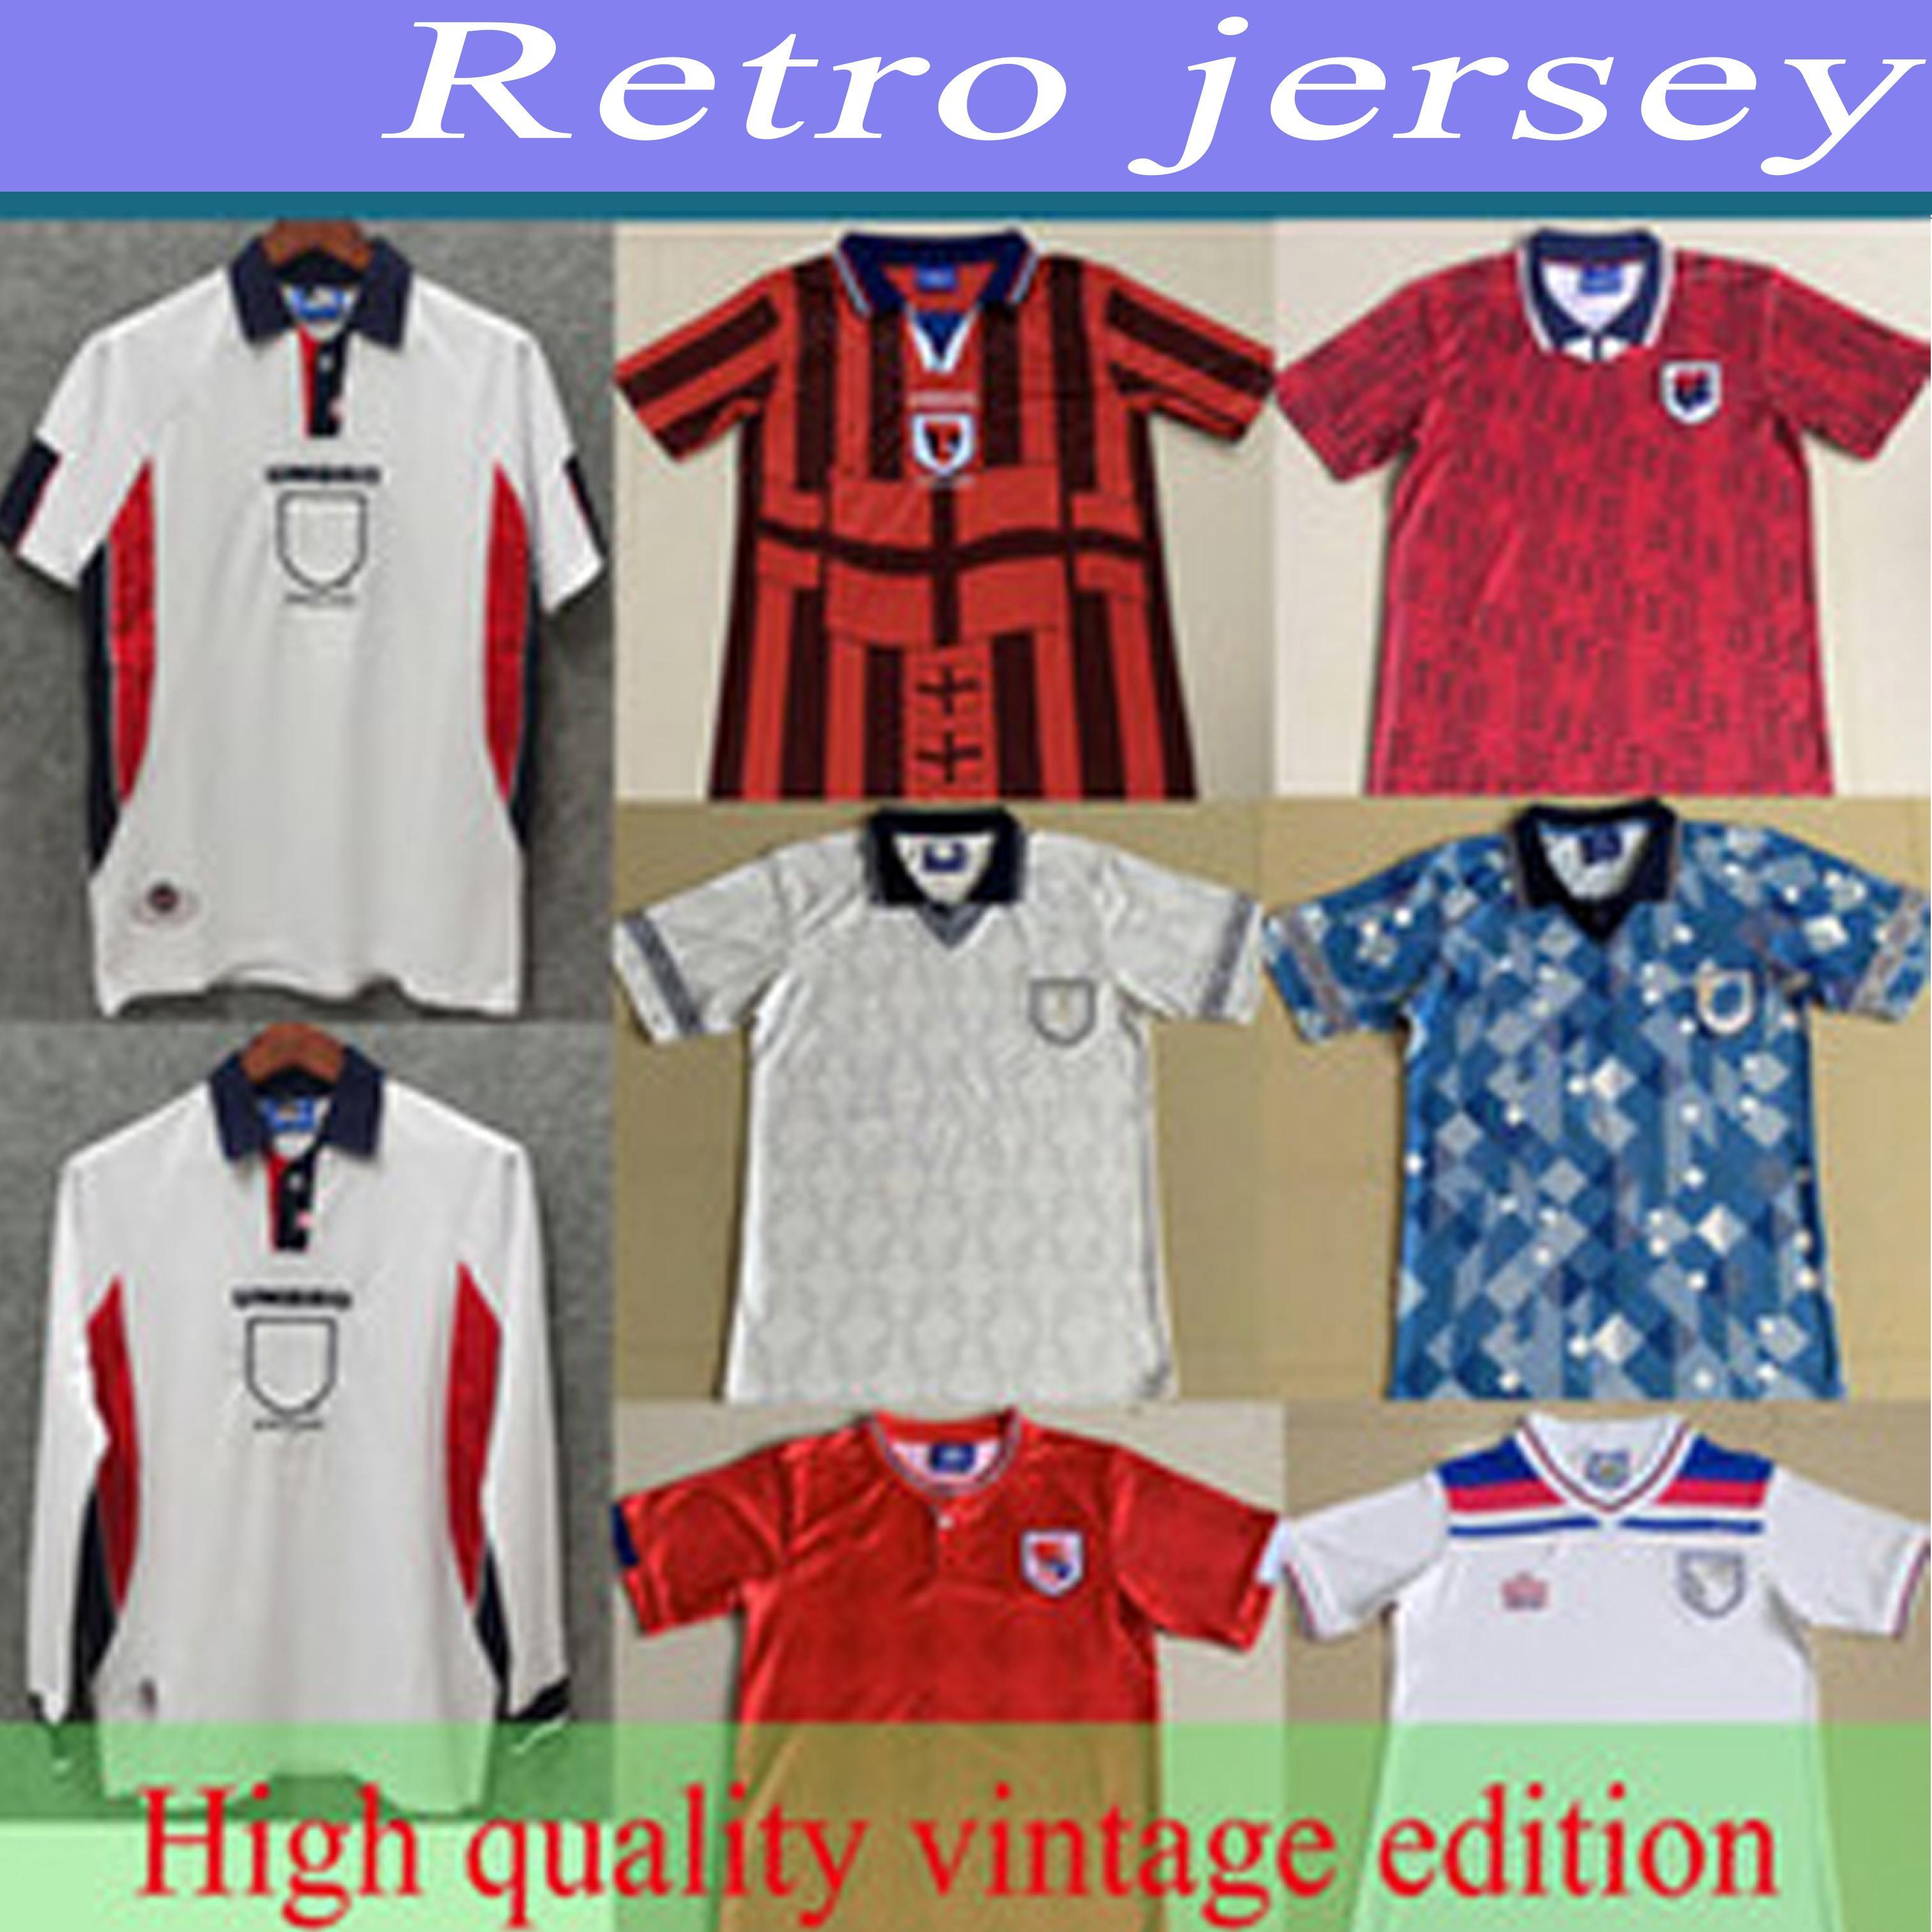 1990 1998 Retro England-Fußball-Jersey-weißes Fußball-Hemd SHEARER SHERINGHAM BECKHAM Männer Kits OWEN SCHOLES Old Jersey